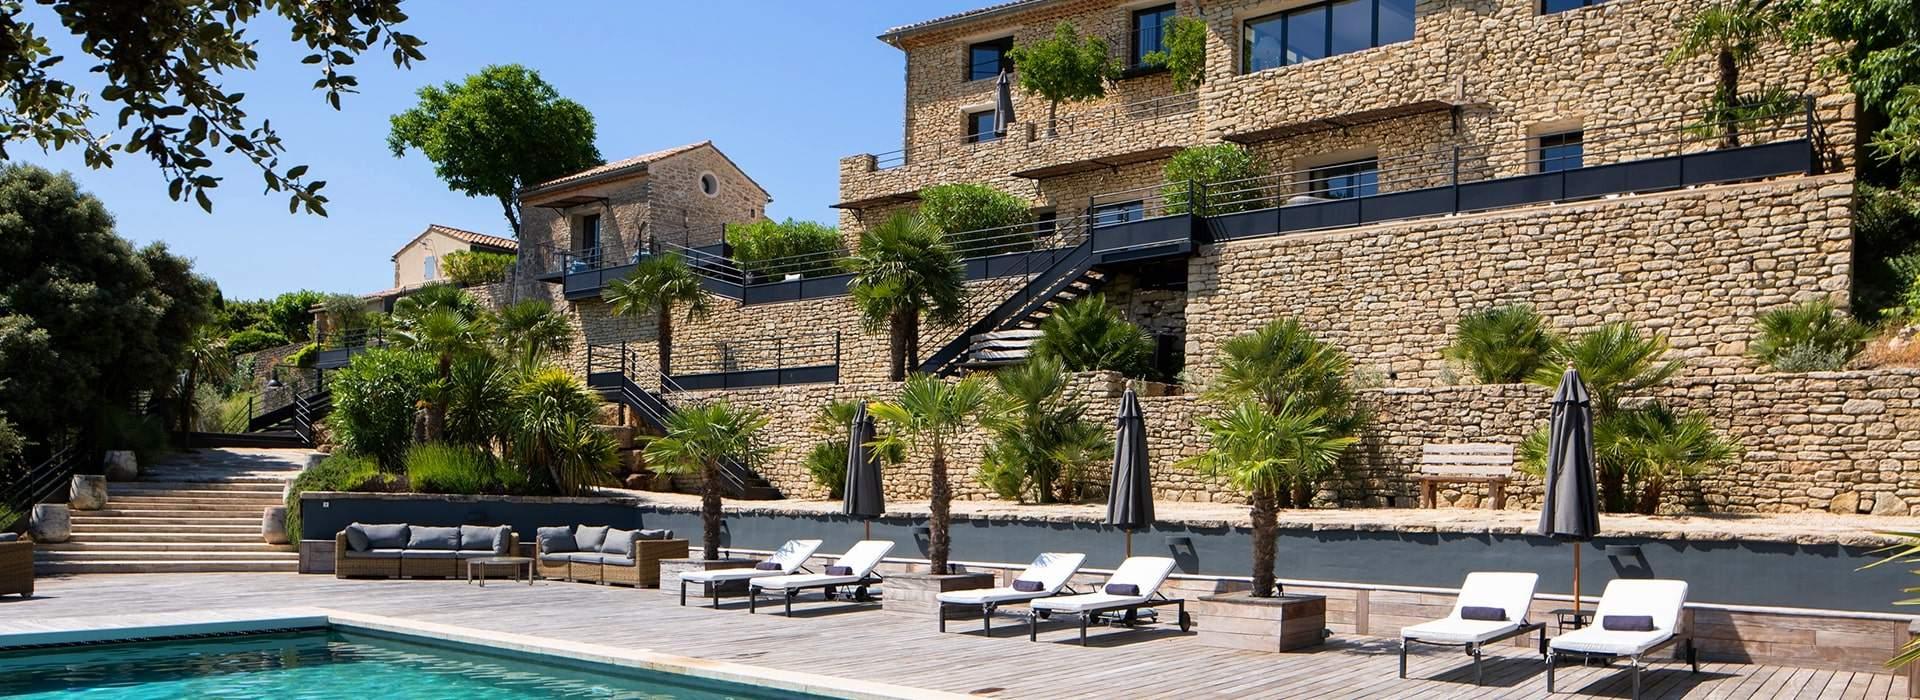 La Maison de Crillon - Hôtel avec piscine - Crillon-le-Brave